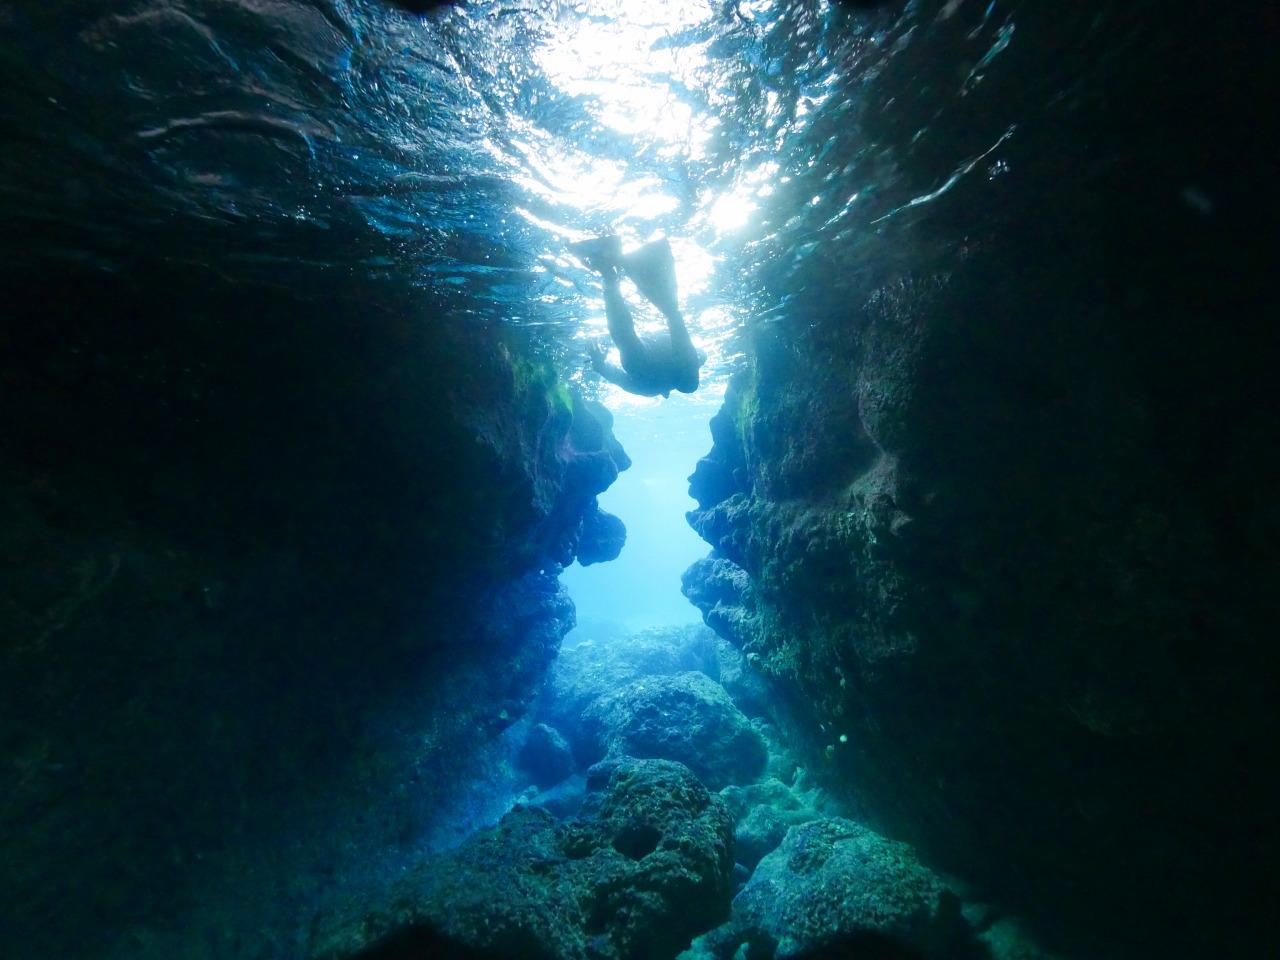 青の洞窟の入口